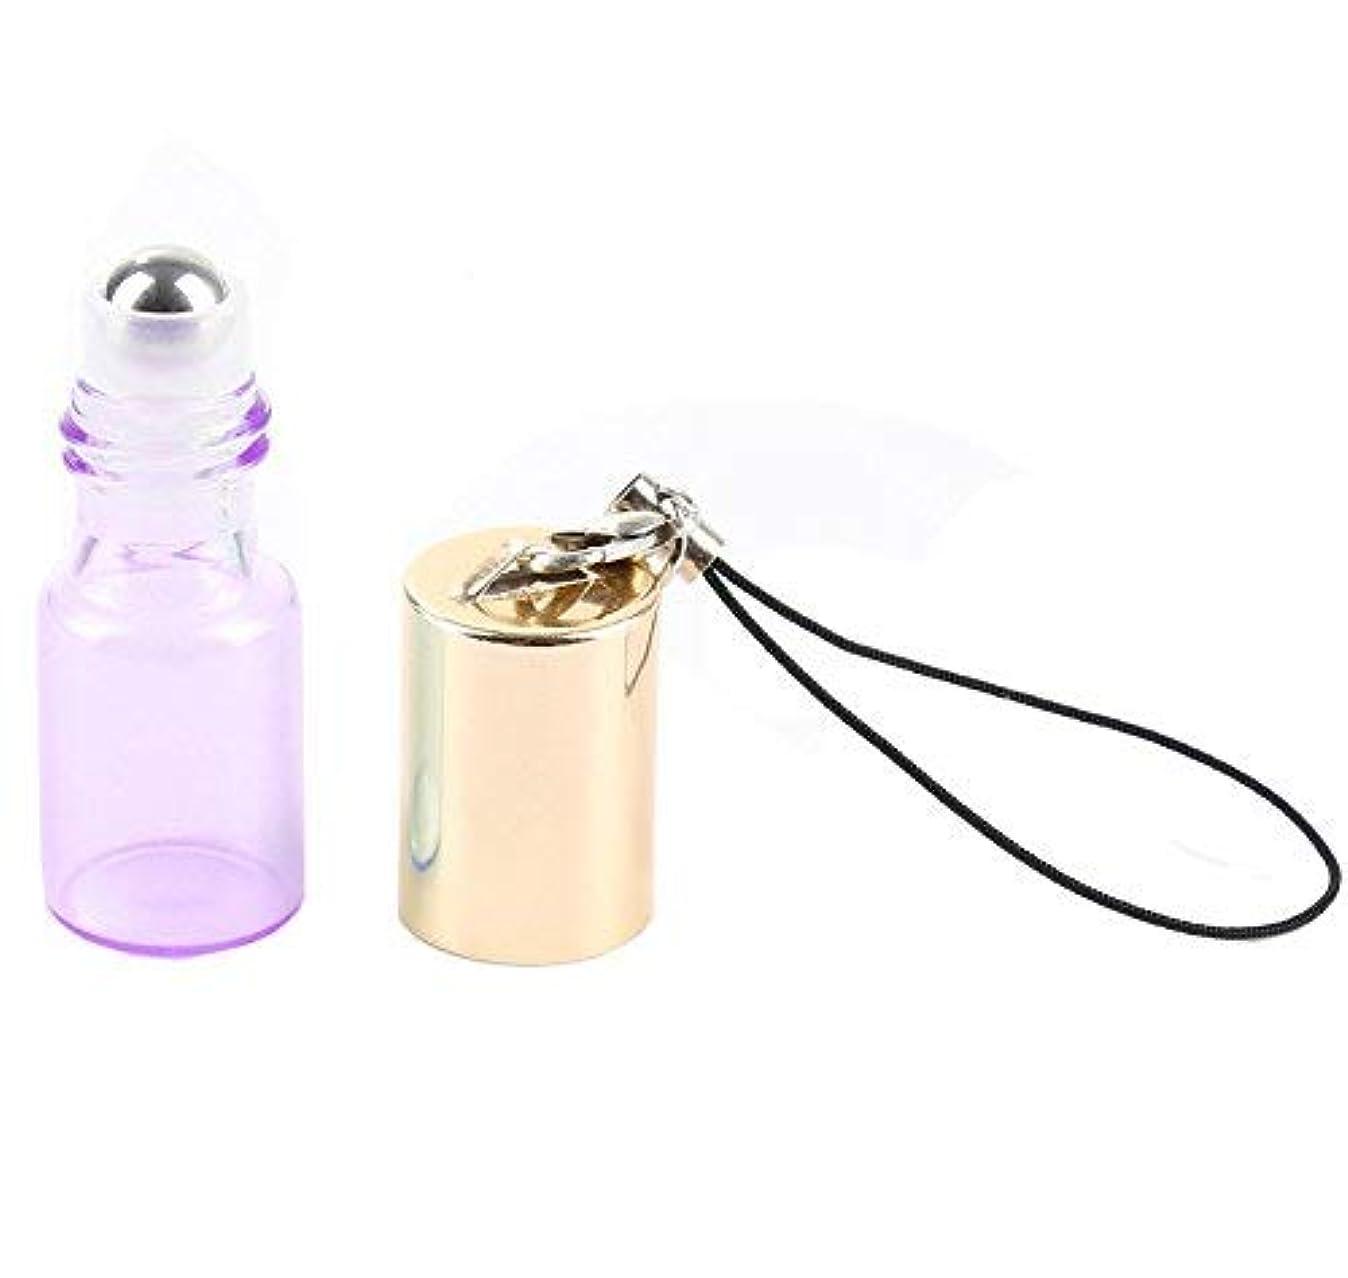 掻くしょっぱいバイオリンEmpty Roller Bottles - Pack of 12 3ml Pearl Colored Glass Roll-on Bottles for Essential Oil Container with Golden...